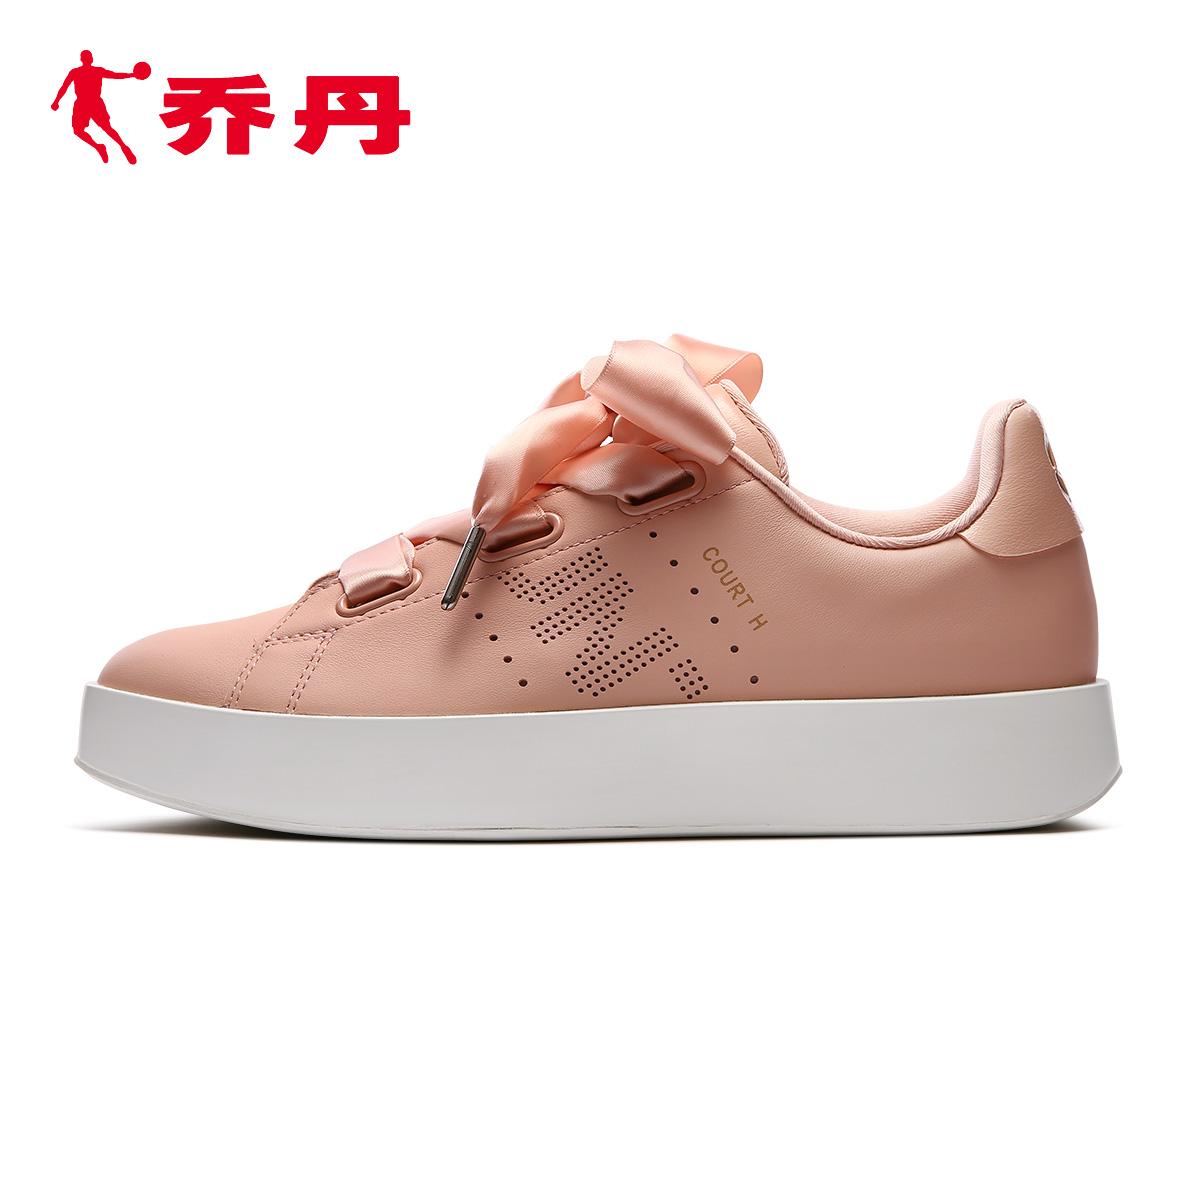 乔丹百尚运动鞋女2018秋冬新款宽版丝带厚底休闲街头板鞋